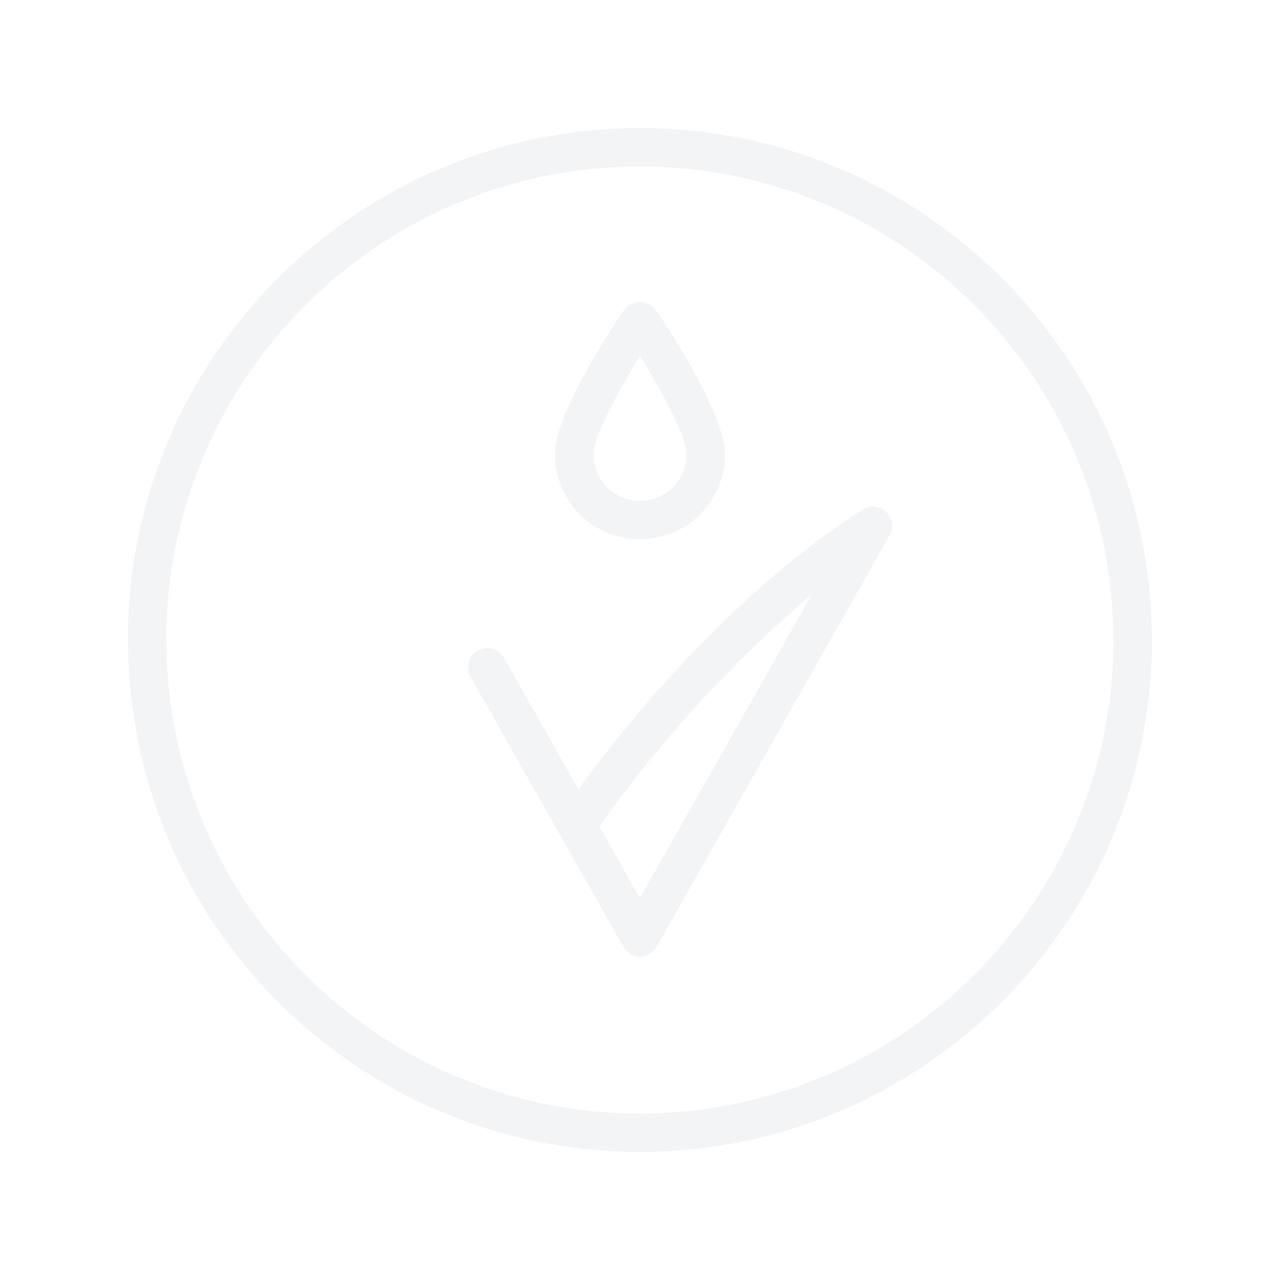 DR IRENA ERIS Tokyo Lift Protein Anti-Wrinkle Eye Cream SPF10 15ml